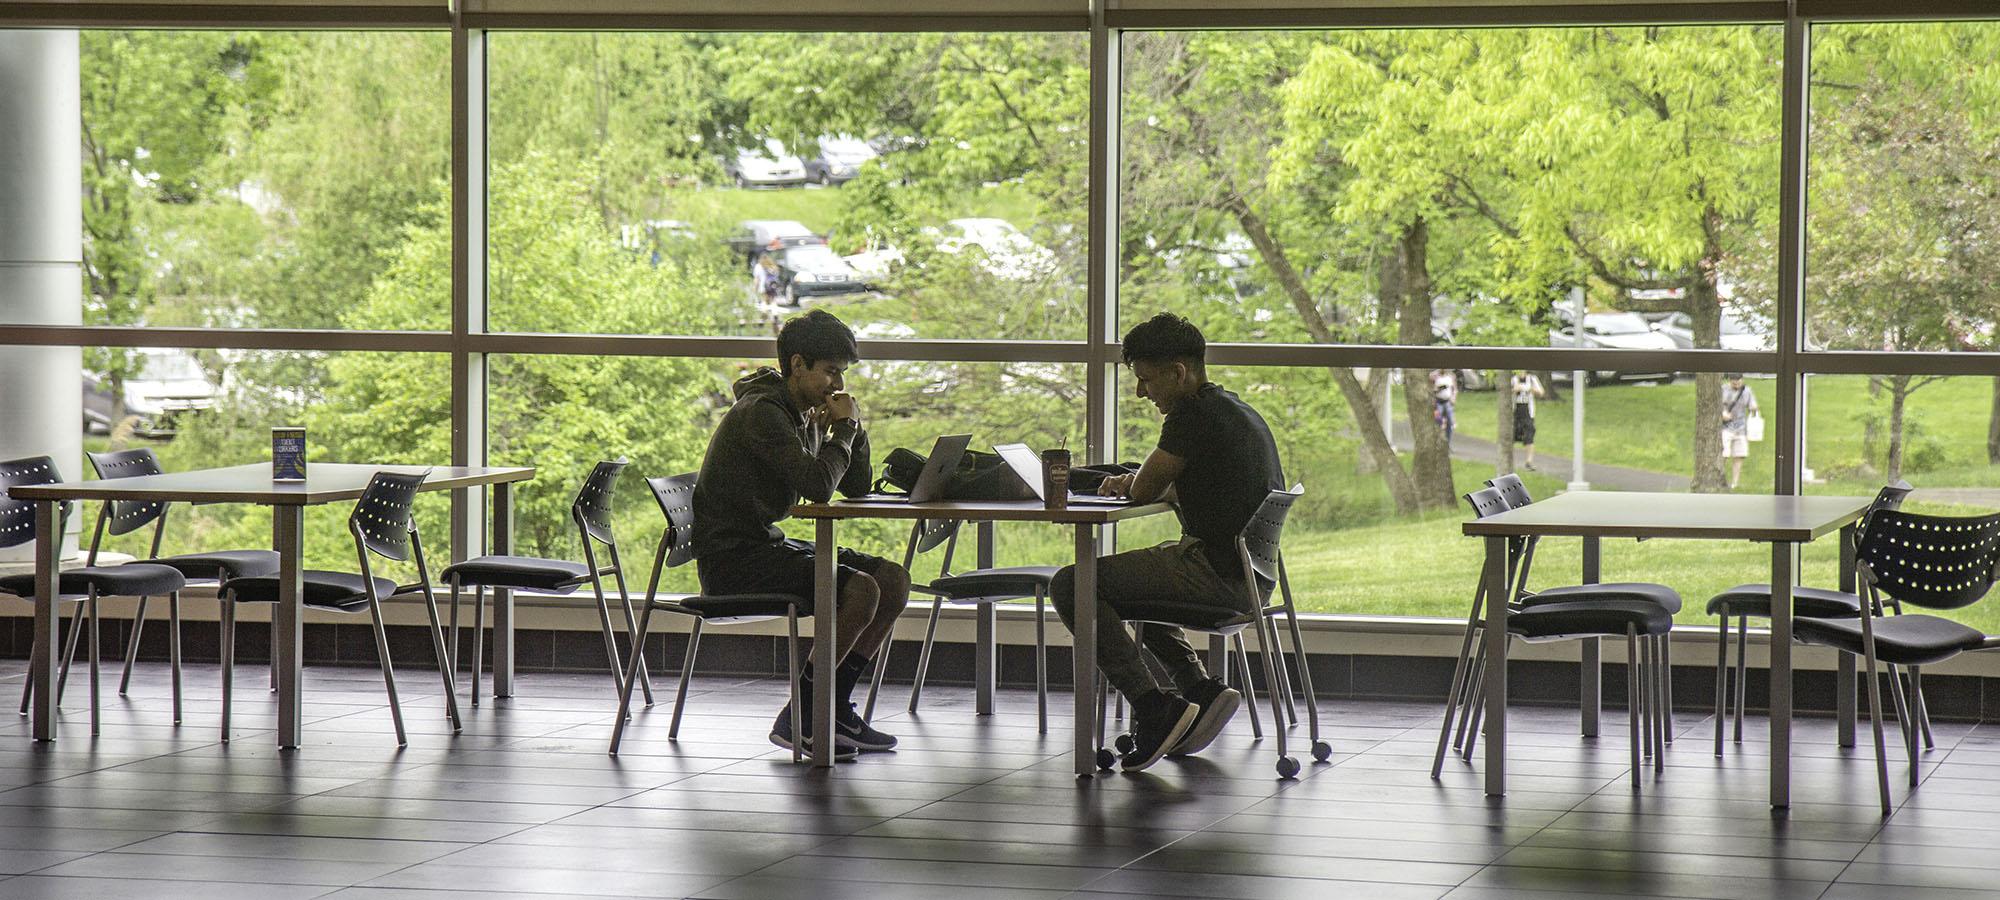 Register For Classes - Delaware County Community College Throughout Delaware Community College Academic Calendar